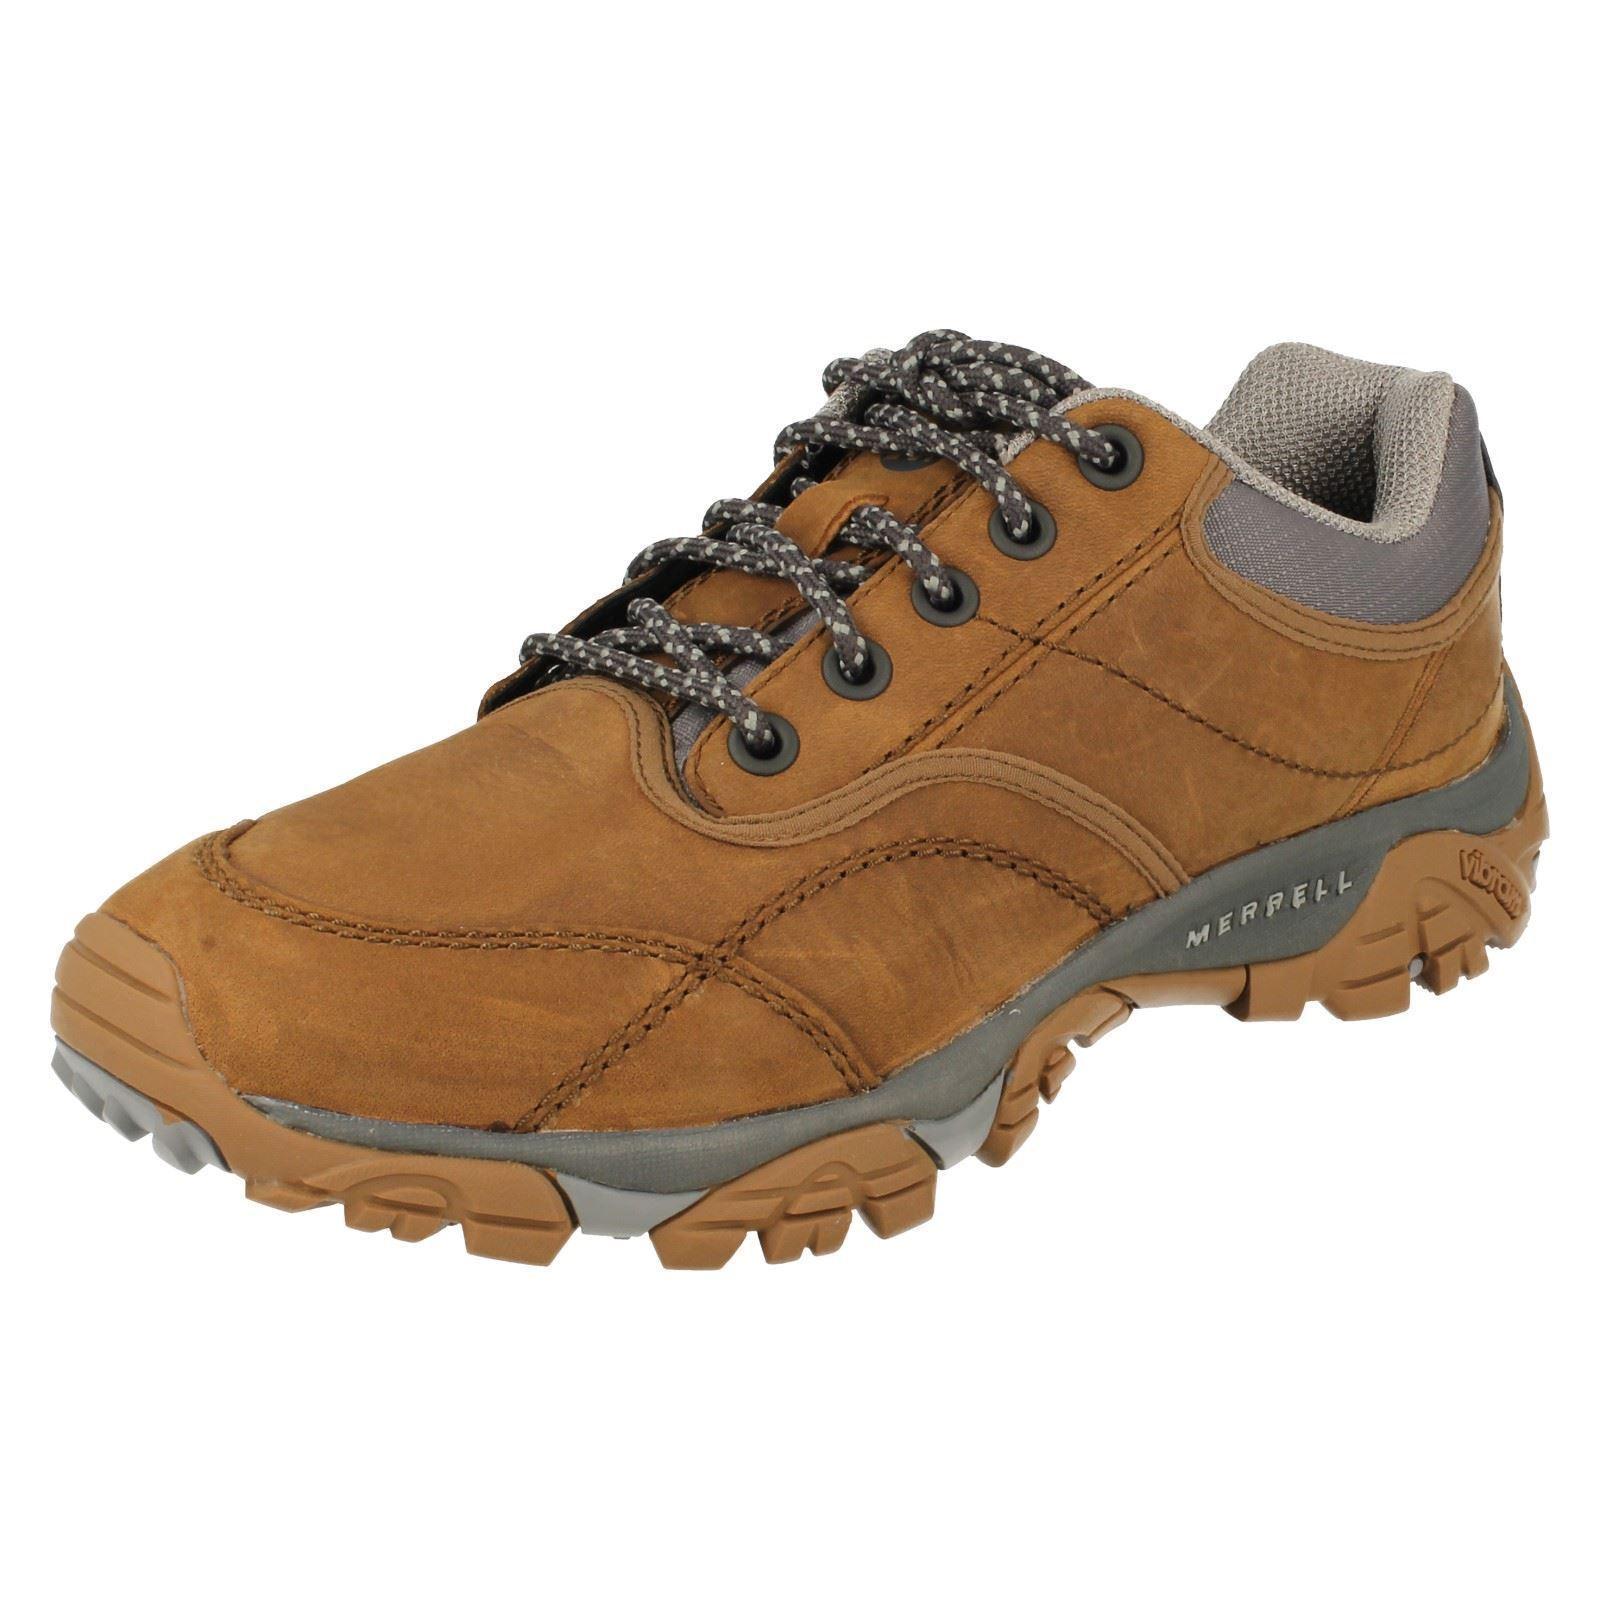 Da Uomo Merrell Tan Lacci Scarpe Da Ginnastica-Moab Rover-J71011 Scarpe classiche da uomo